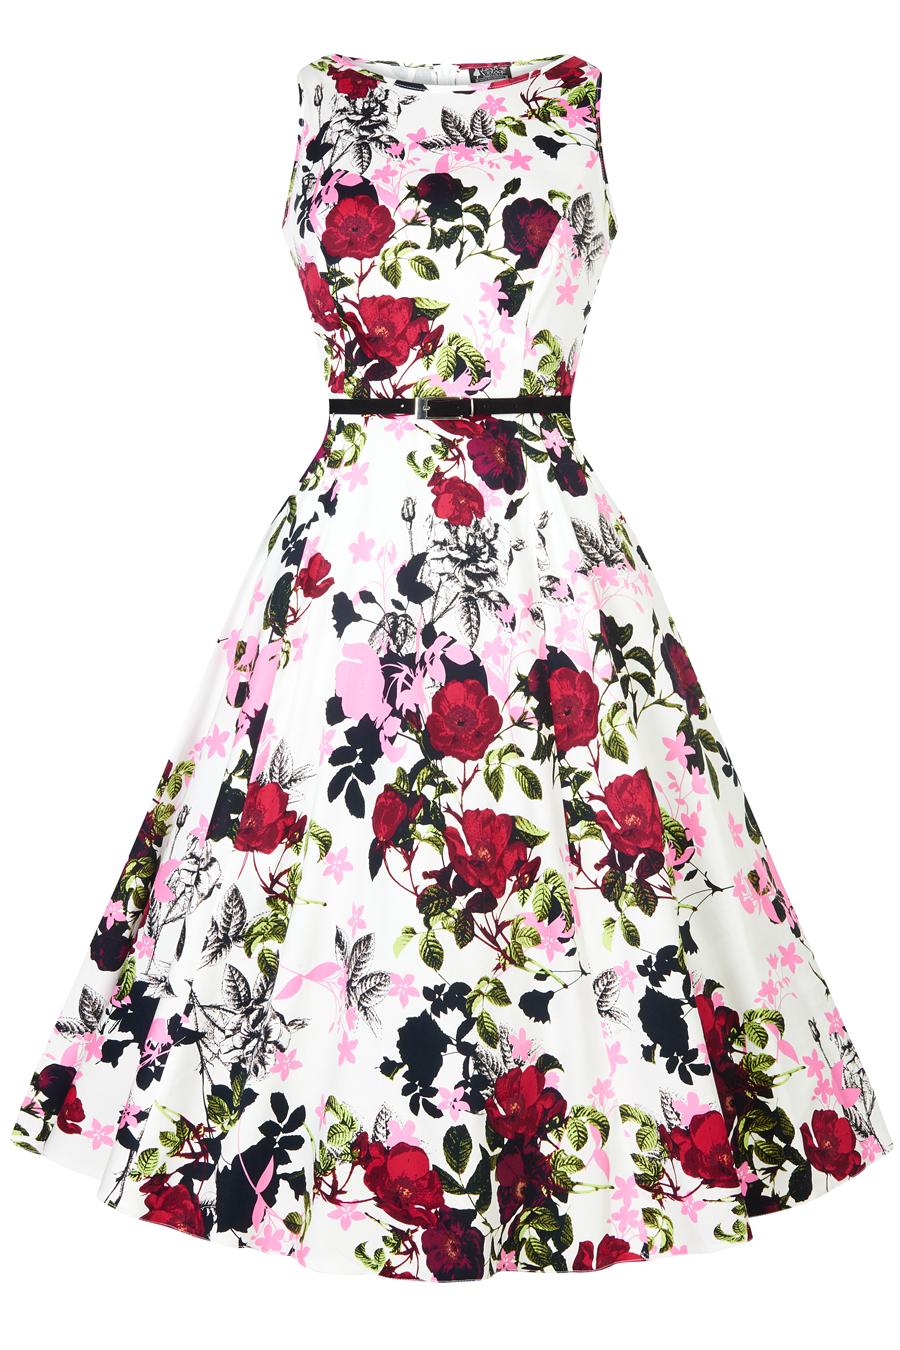 Letní šaty s květy Lady V London Audrey Lady V London  3511c907bd